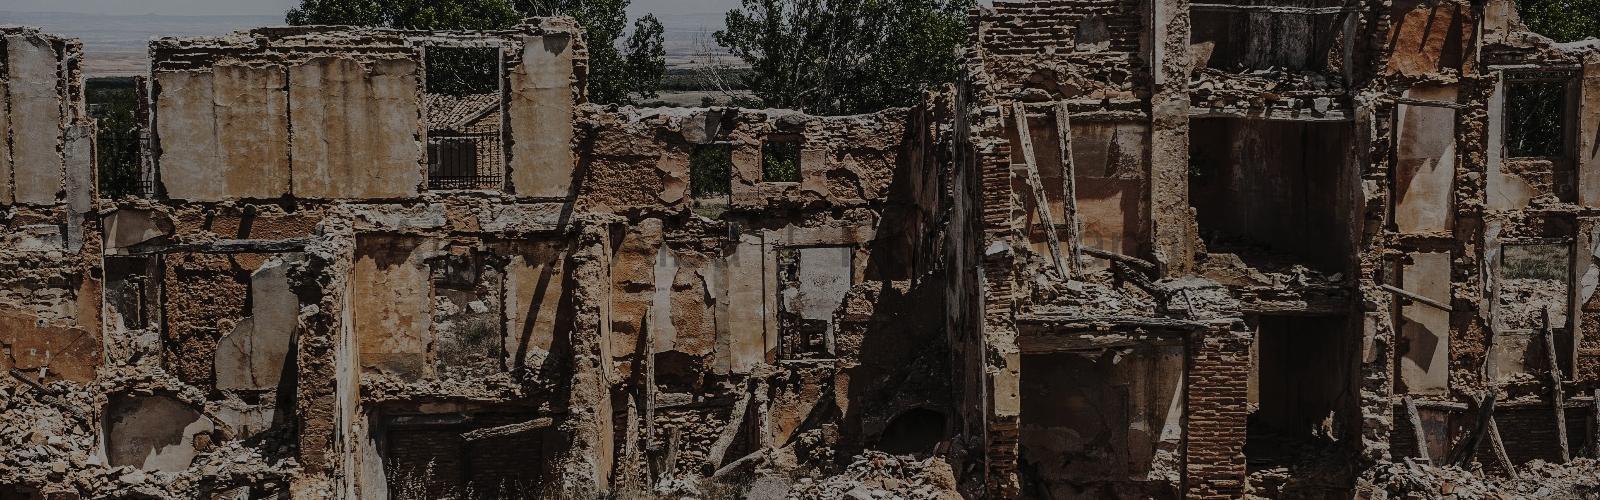 Бельчите: город-призрак